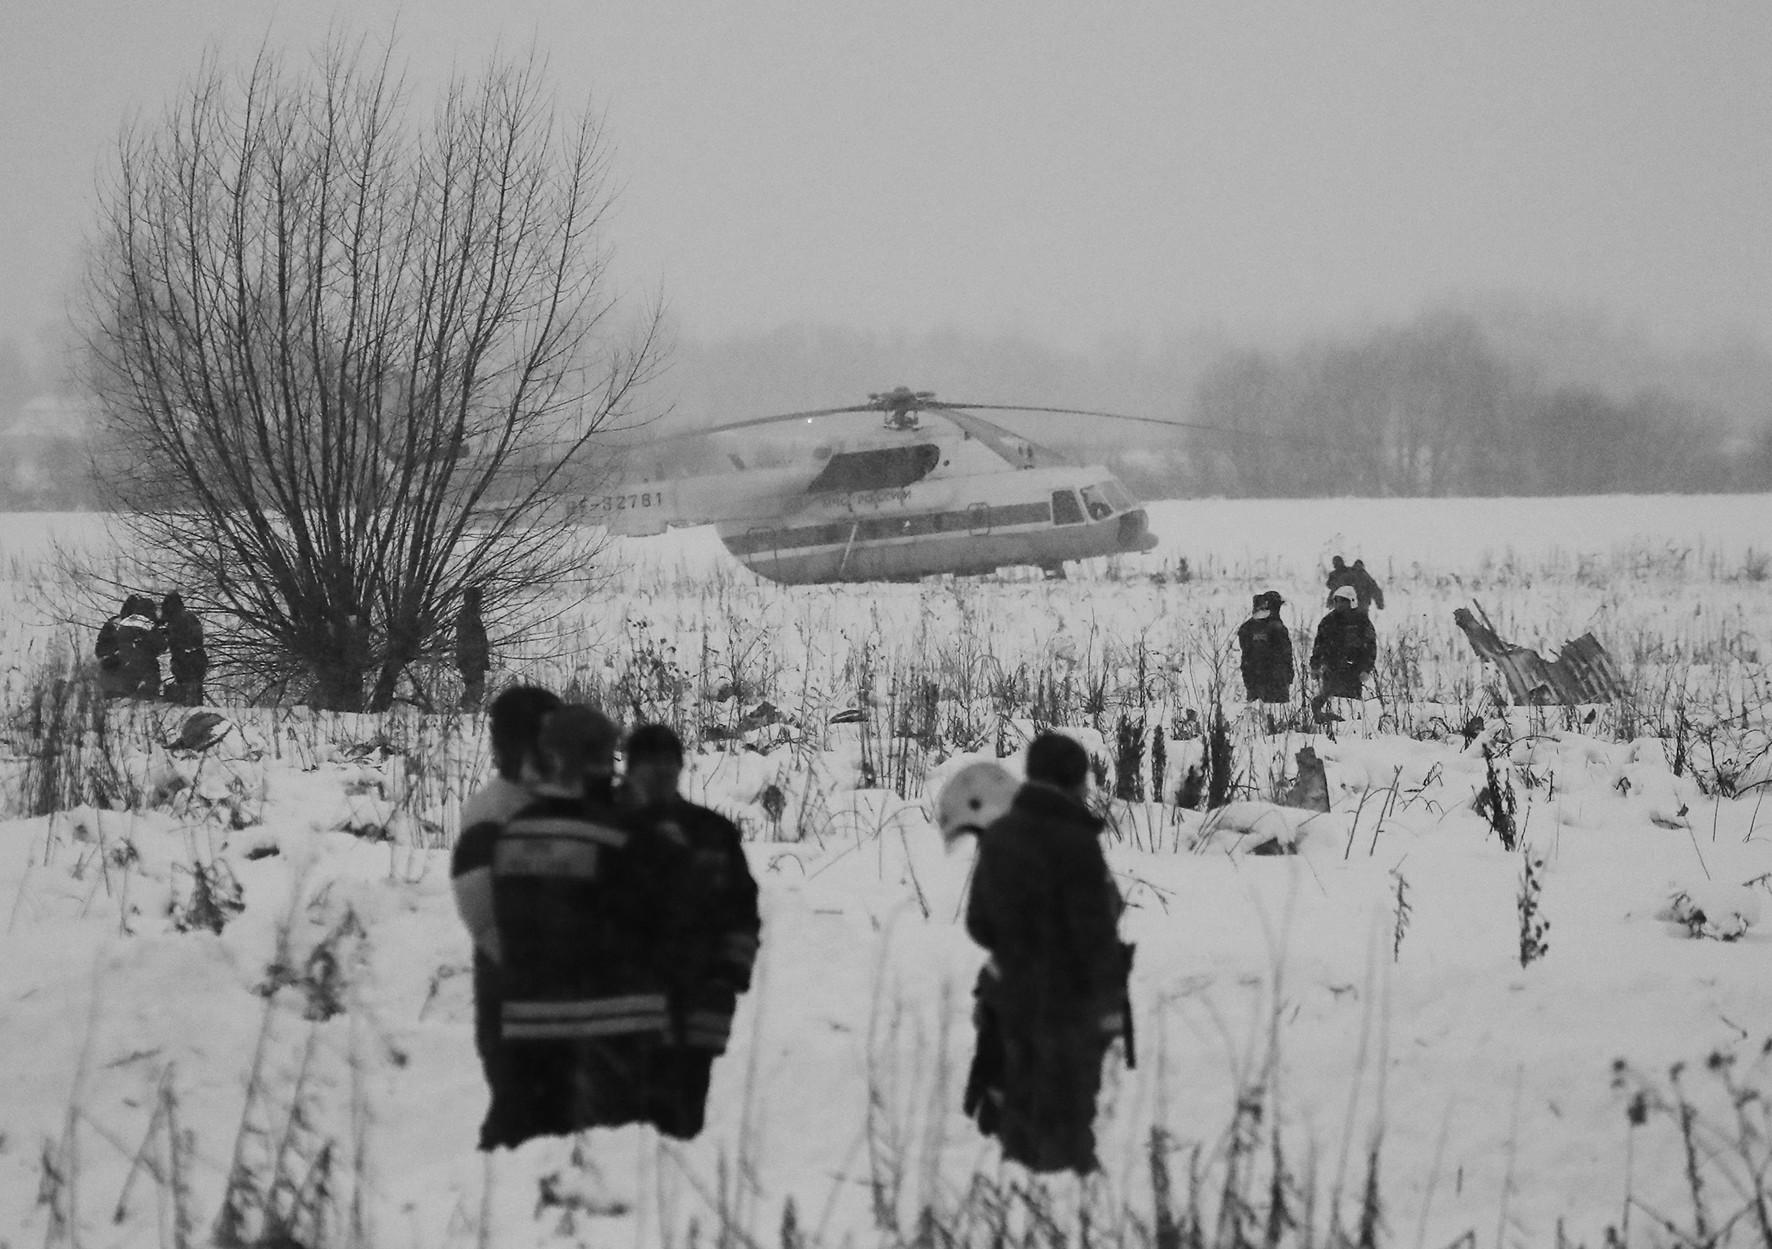 俄安148客机坠毁71人恐罹难 或曾与直升机相撞